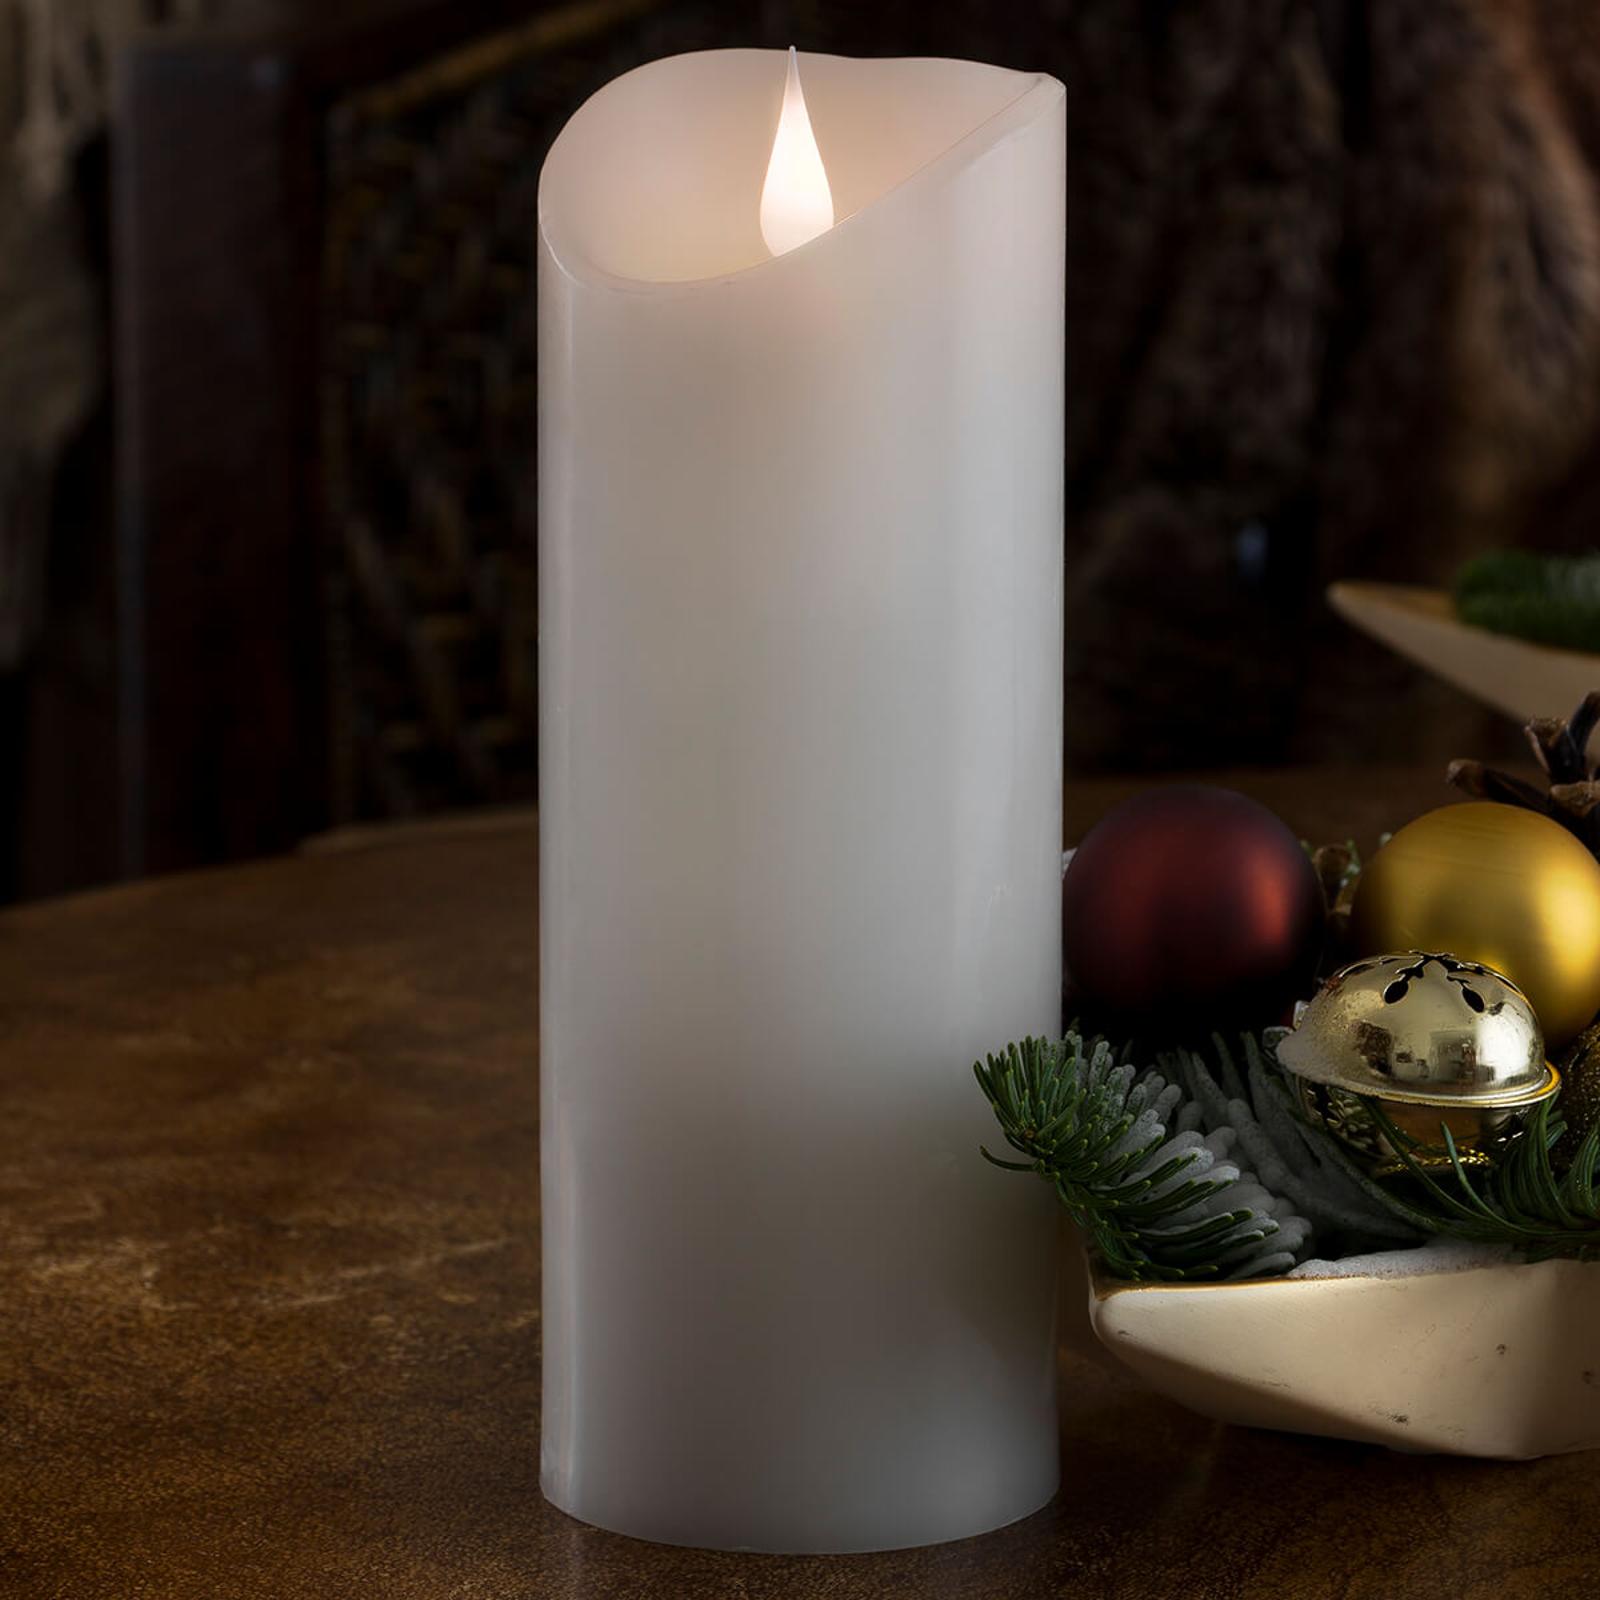 Bougie LED Cire véritable - avec flamme 3D